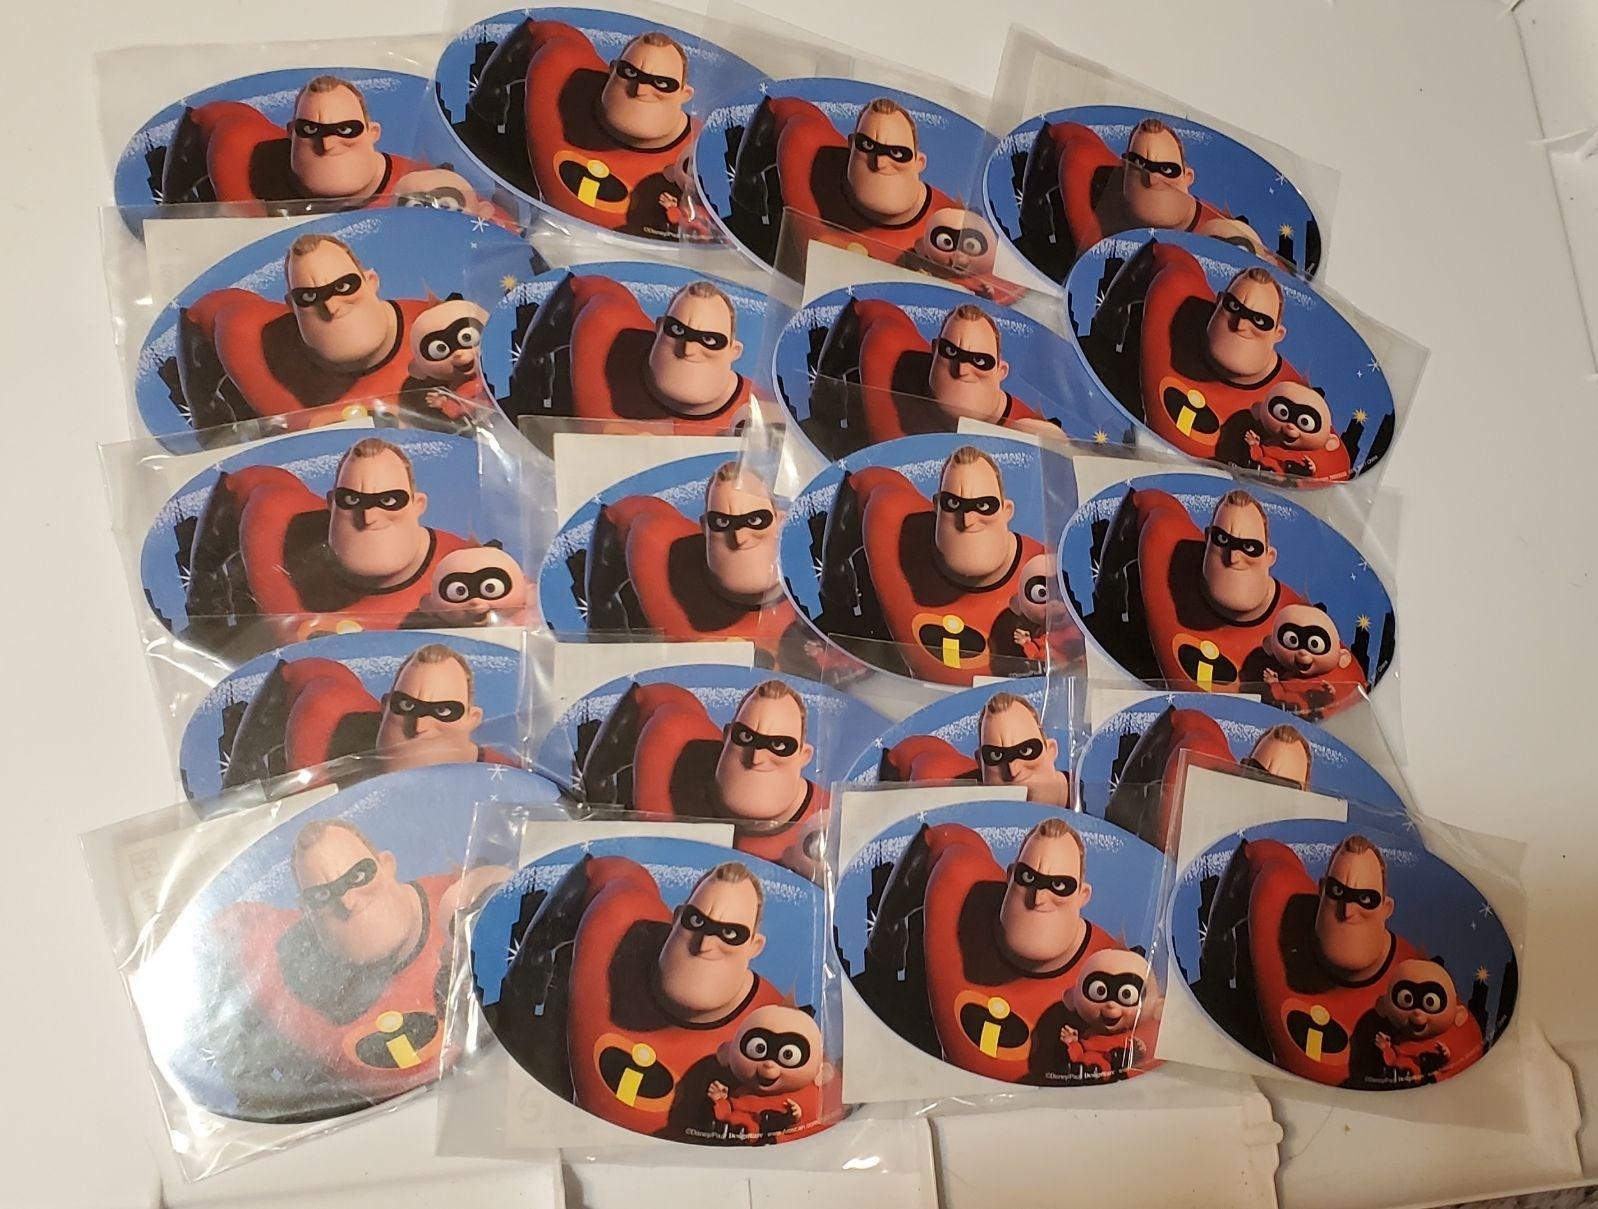 Disney Incredibles 2 foam flyers